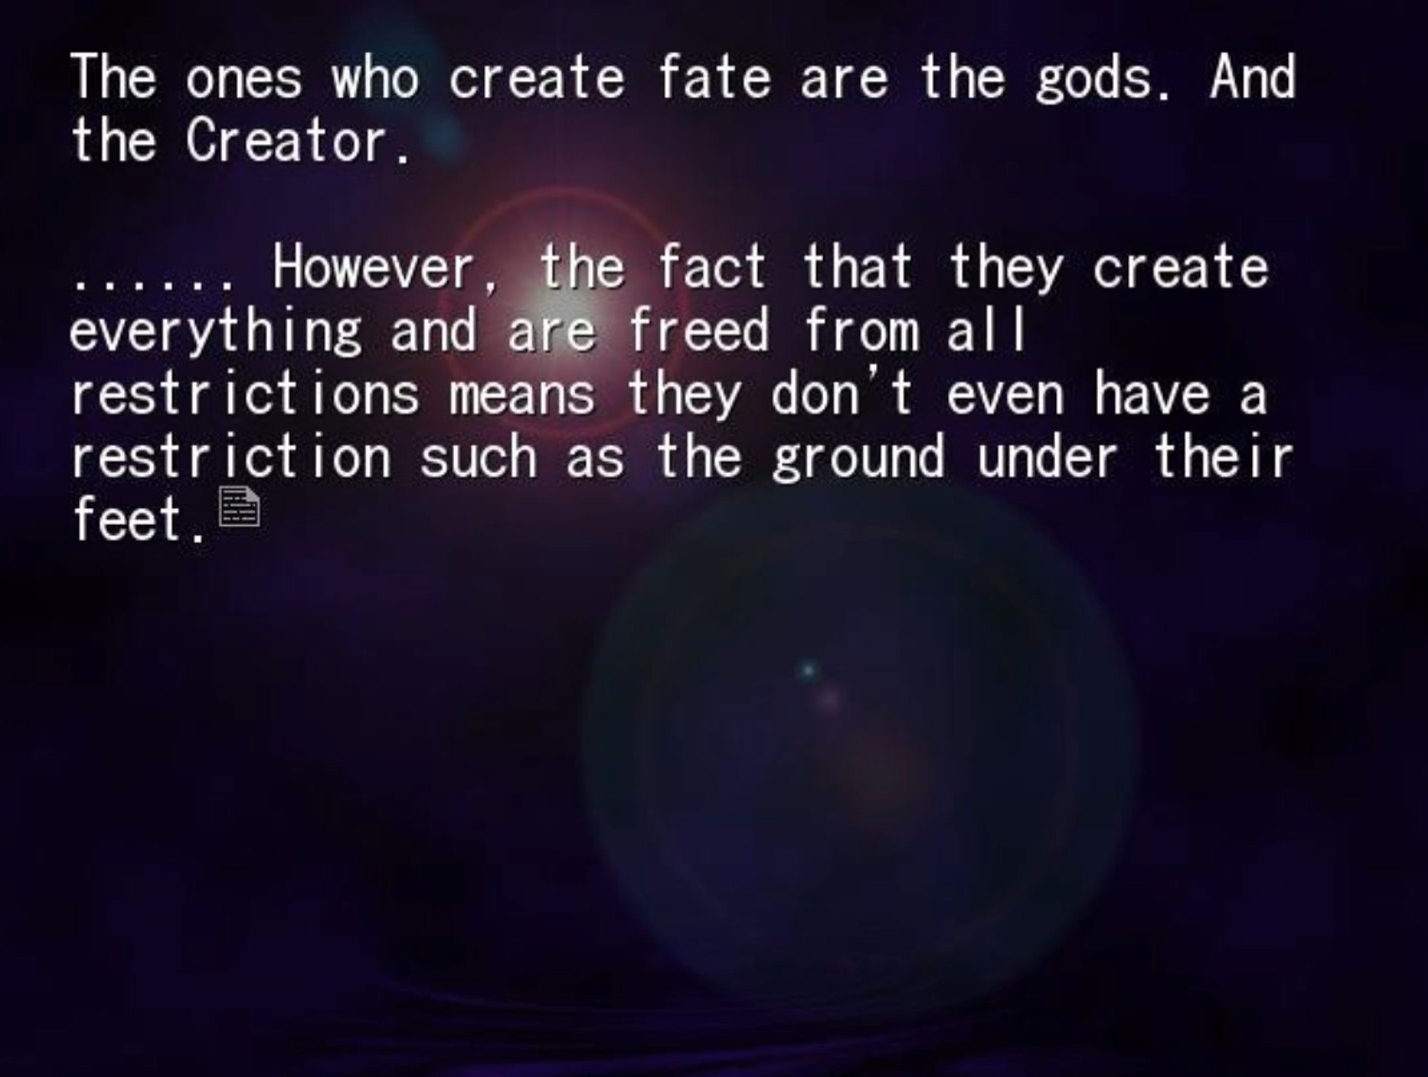 The Creator (Umineko no Naku Koro ni)